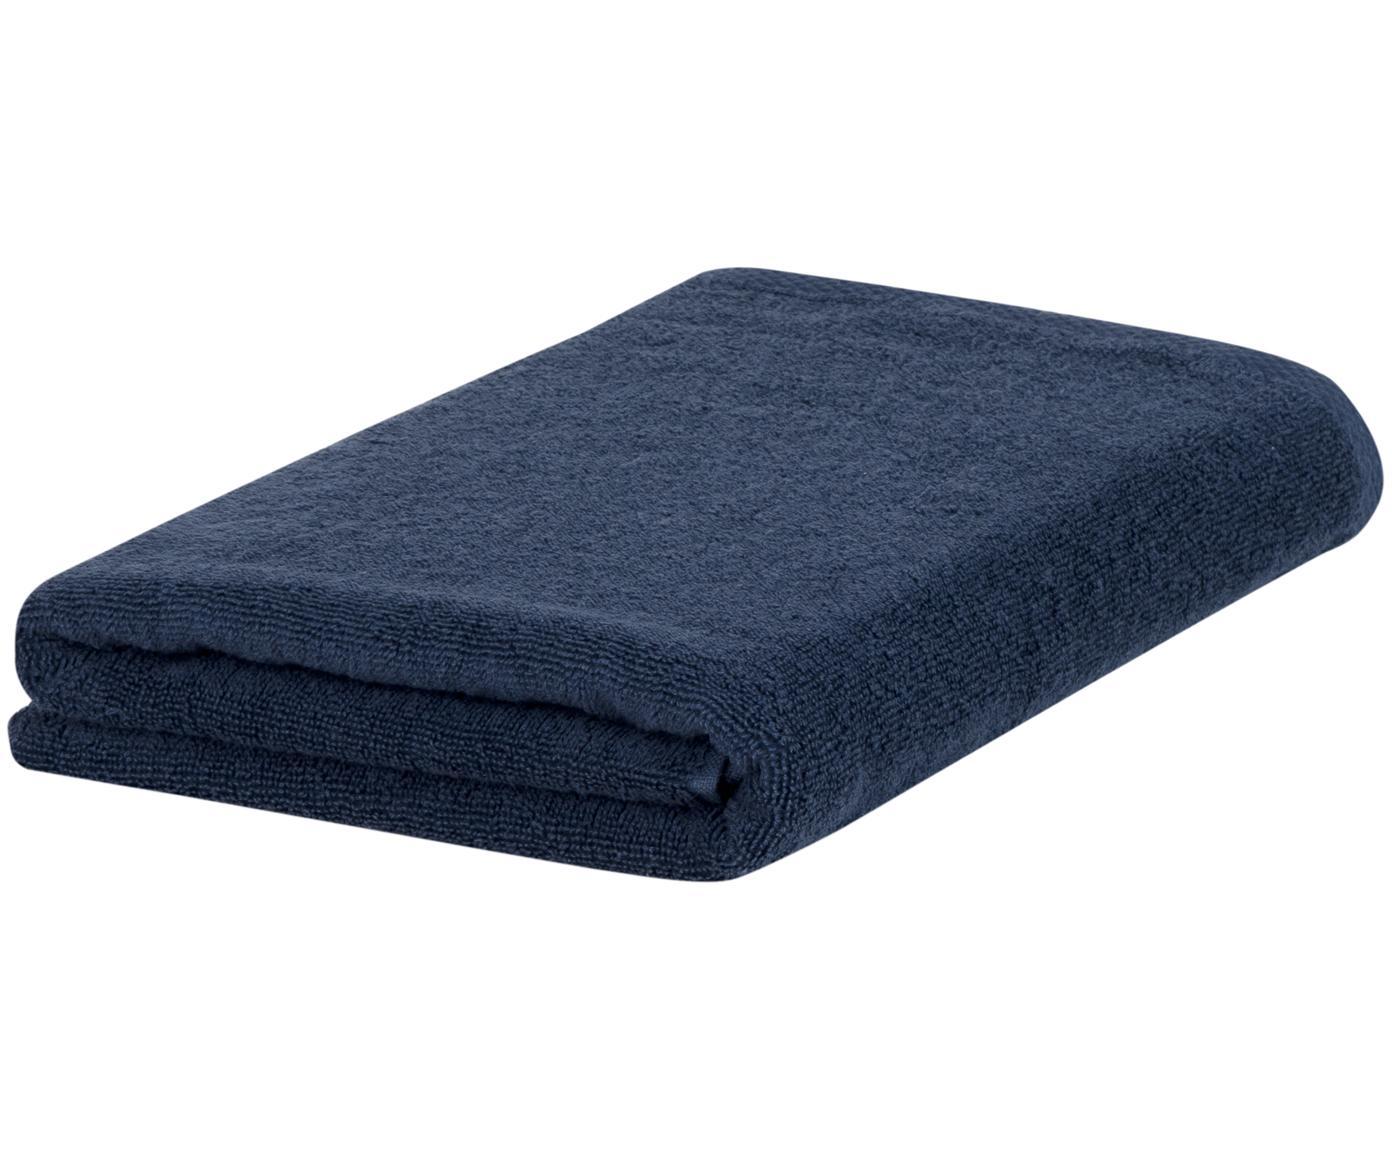 Einfarbiges Handtuch Comfort, verschiedene Grössen, Dunkelblau, Duschtuch